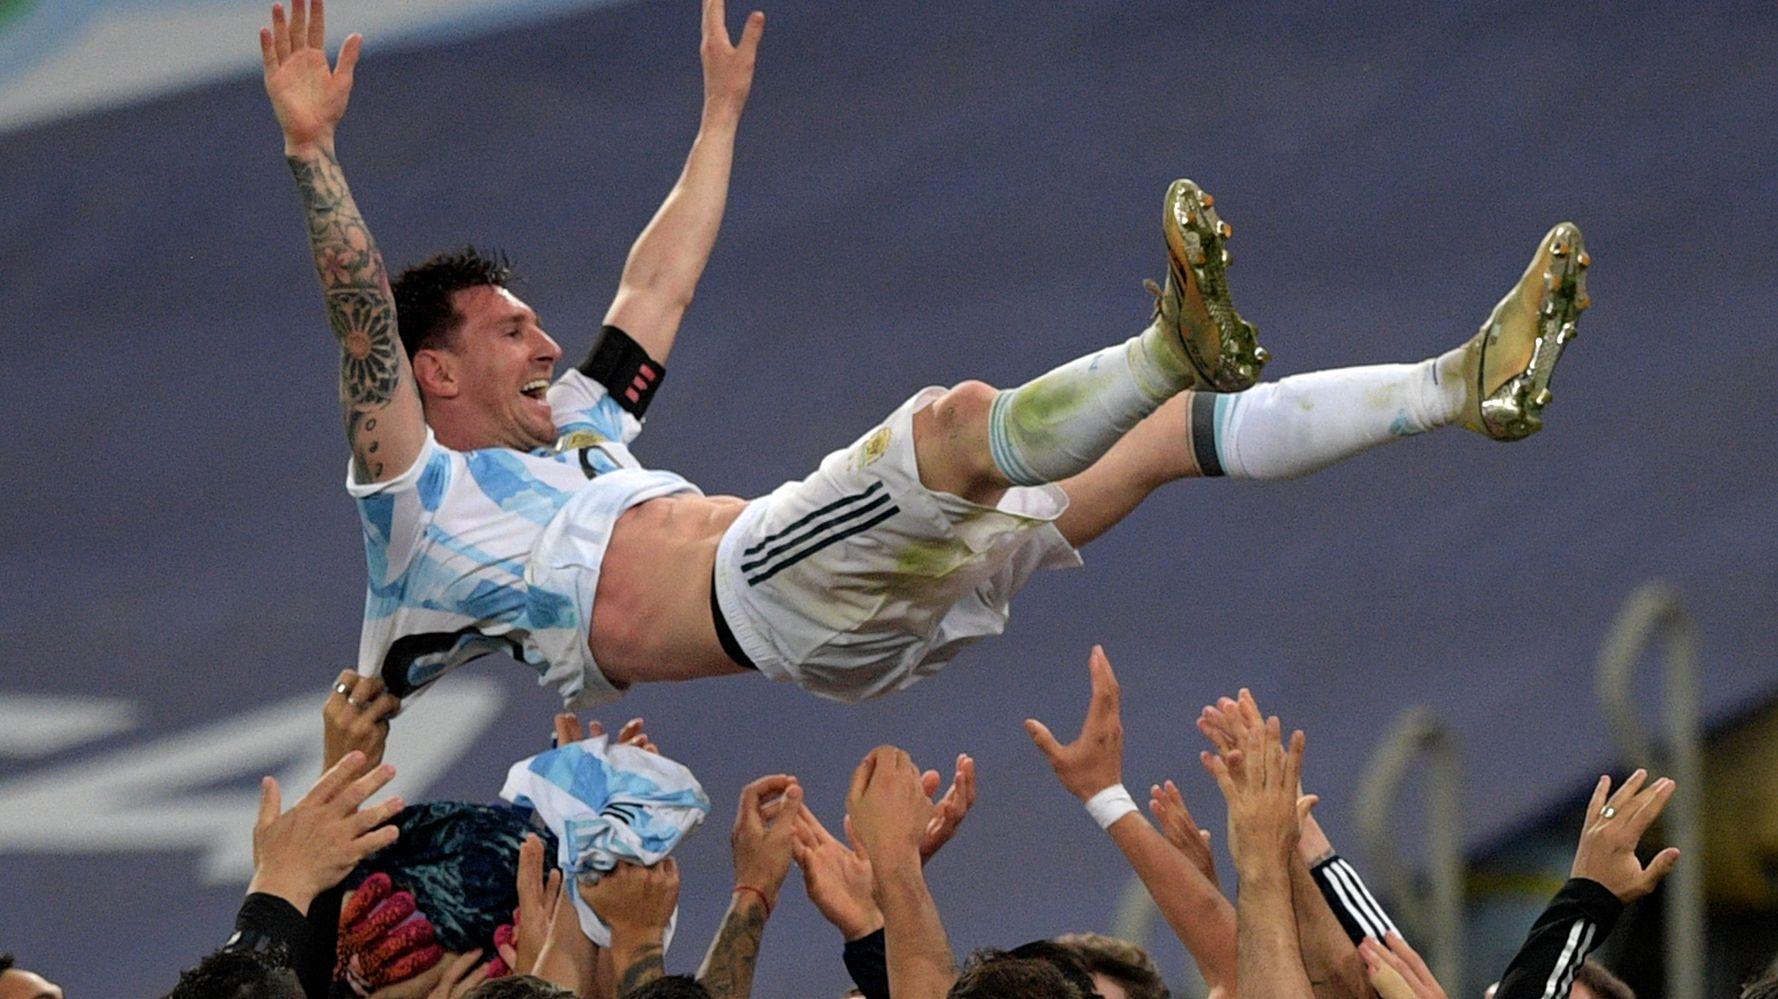 Copa America: Messi gagne son premier titre avec l'Argentine à 34 ans